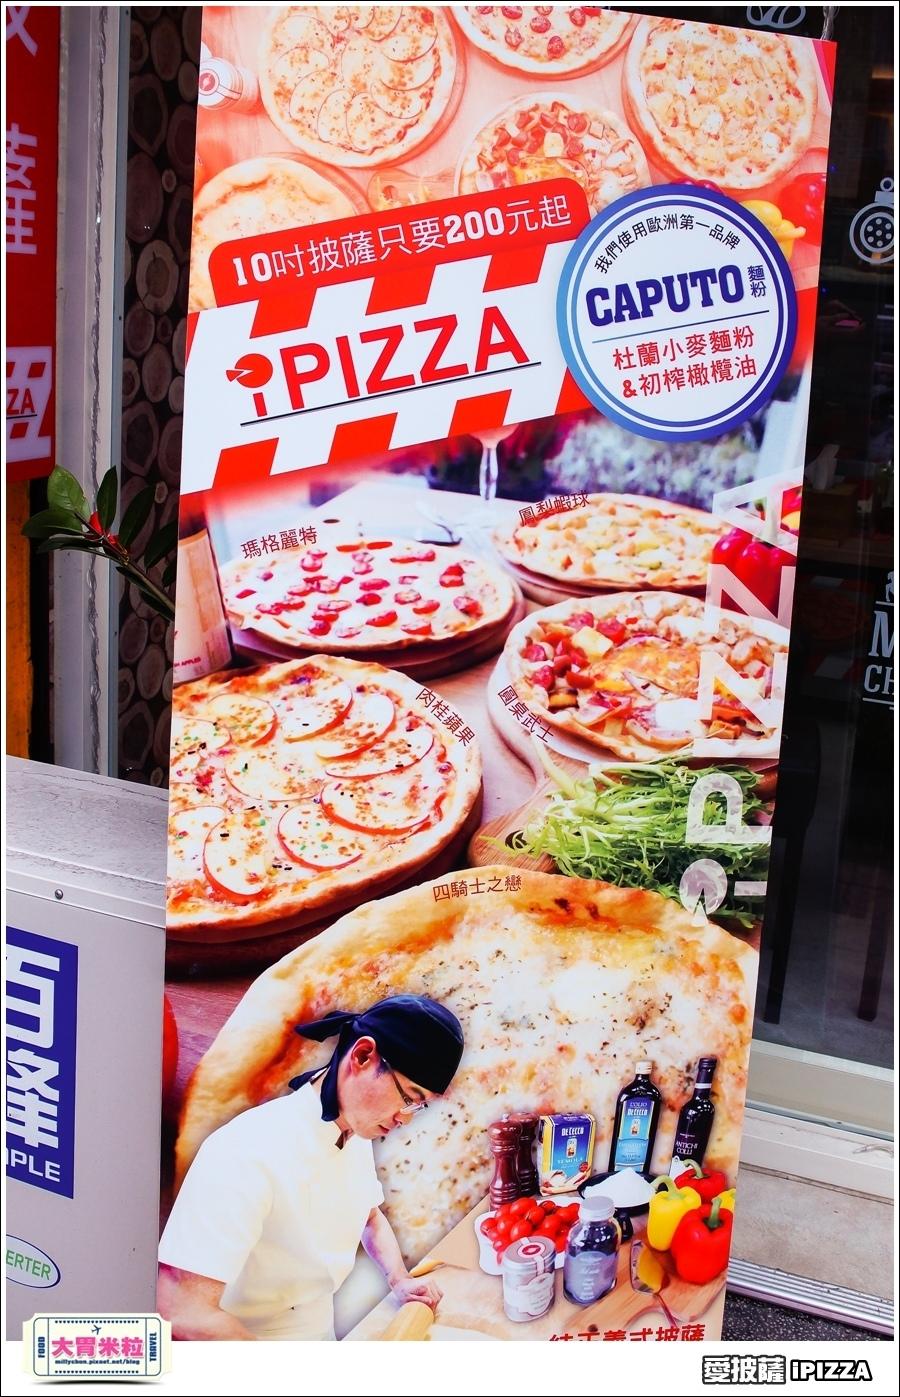 台北愛披薩IPIZZA@台北士林手工披薩推薦@大胃米粒0005.jpg